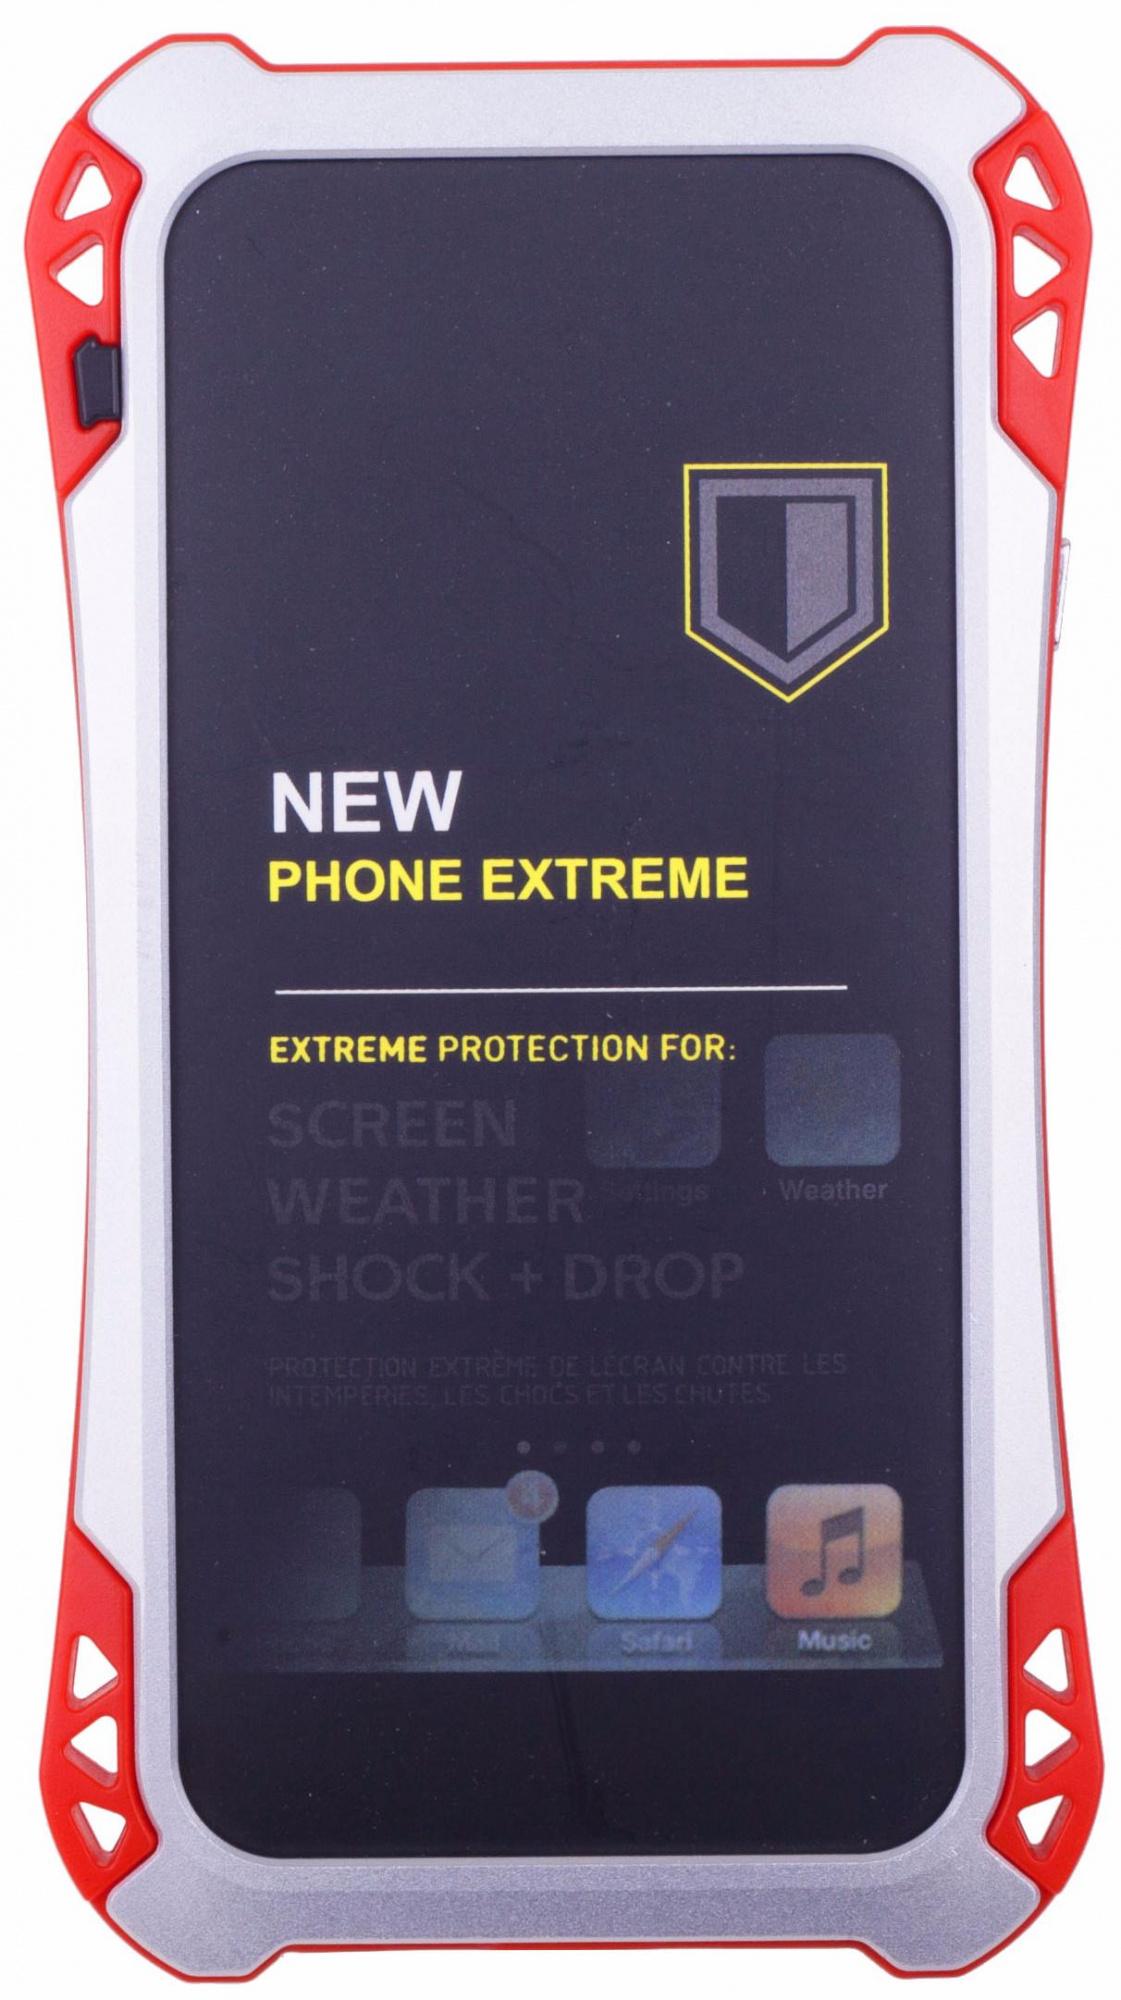 Phone ExtremeЗащищенные чехлы для смартфонов<br>Защитный чехол<br>